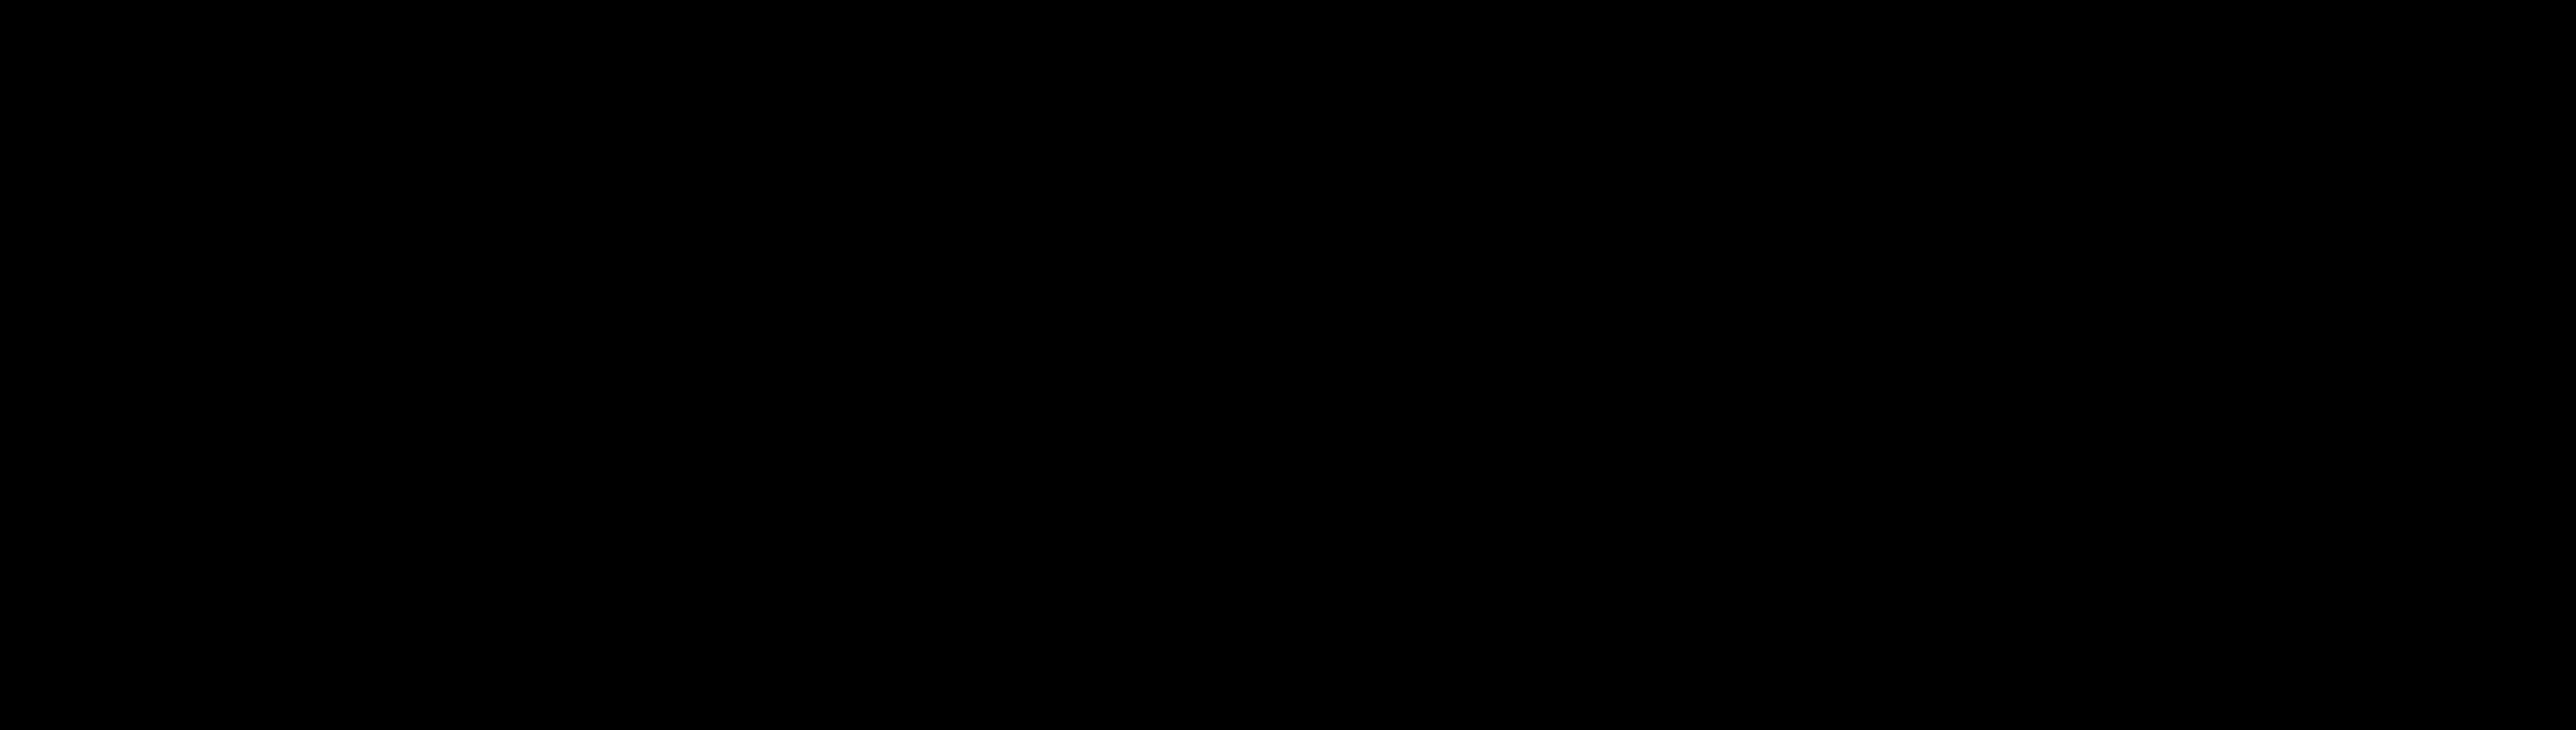 DEMUTE-logoB-HQ